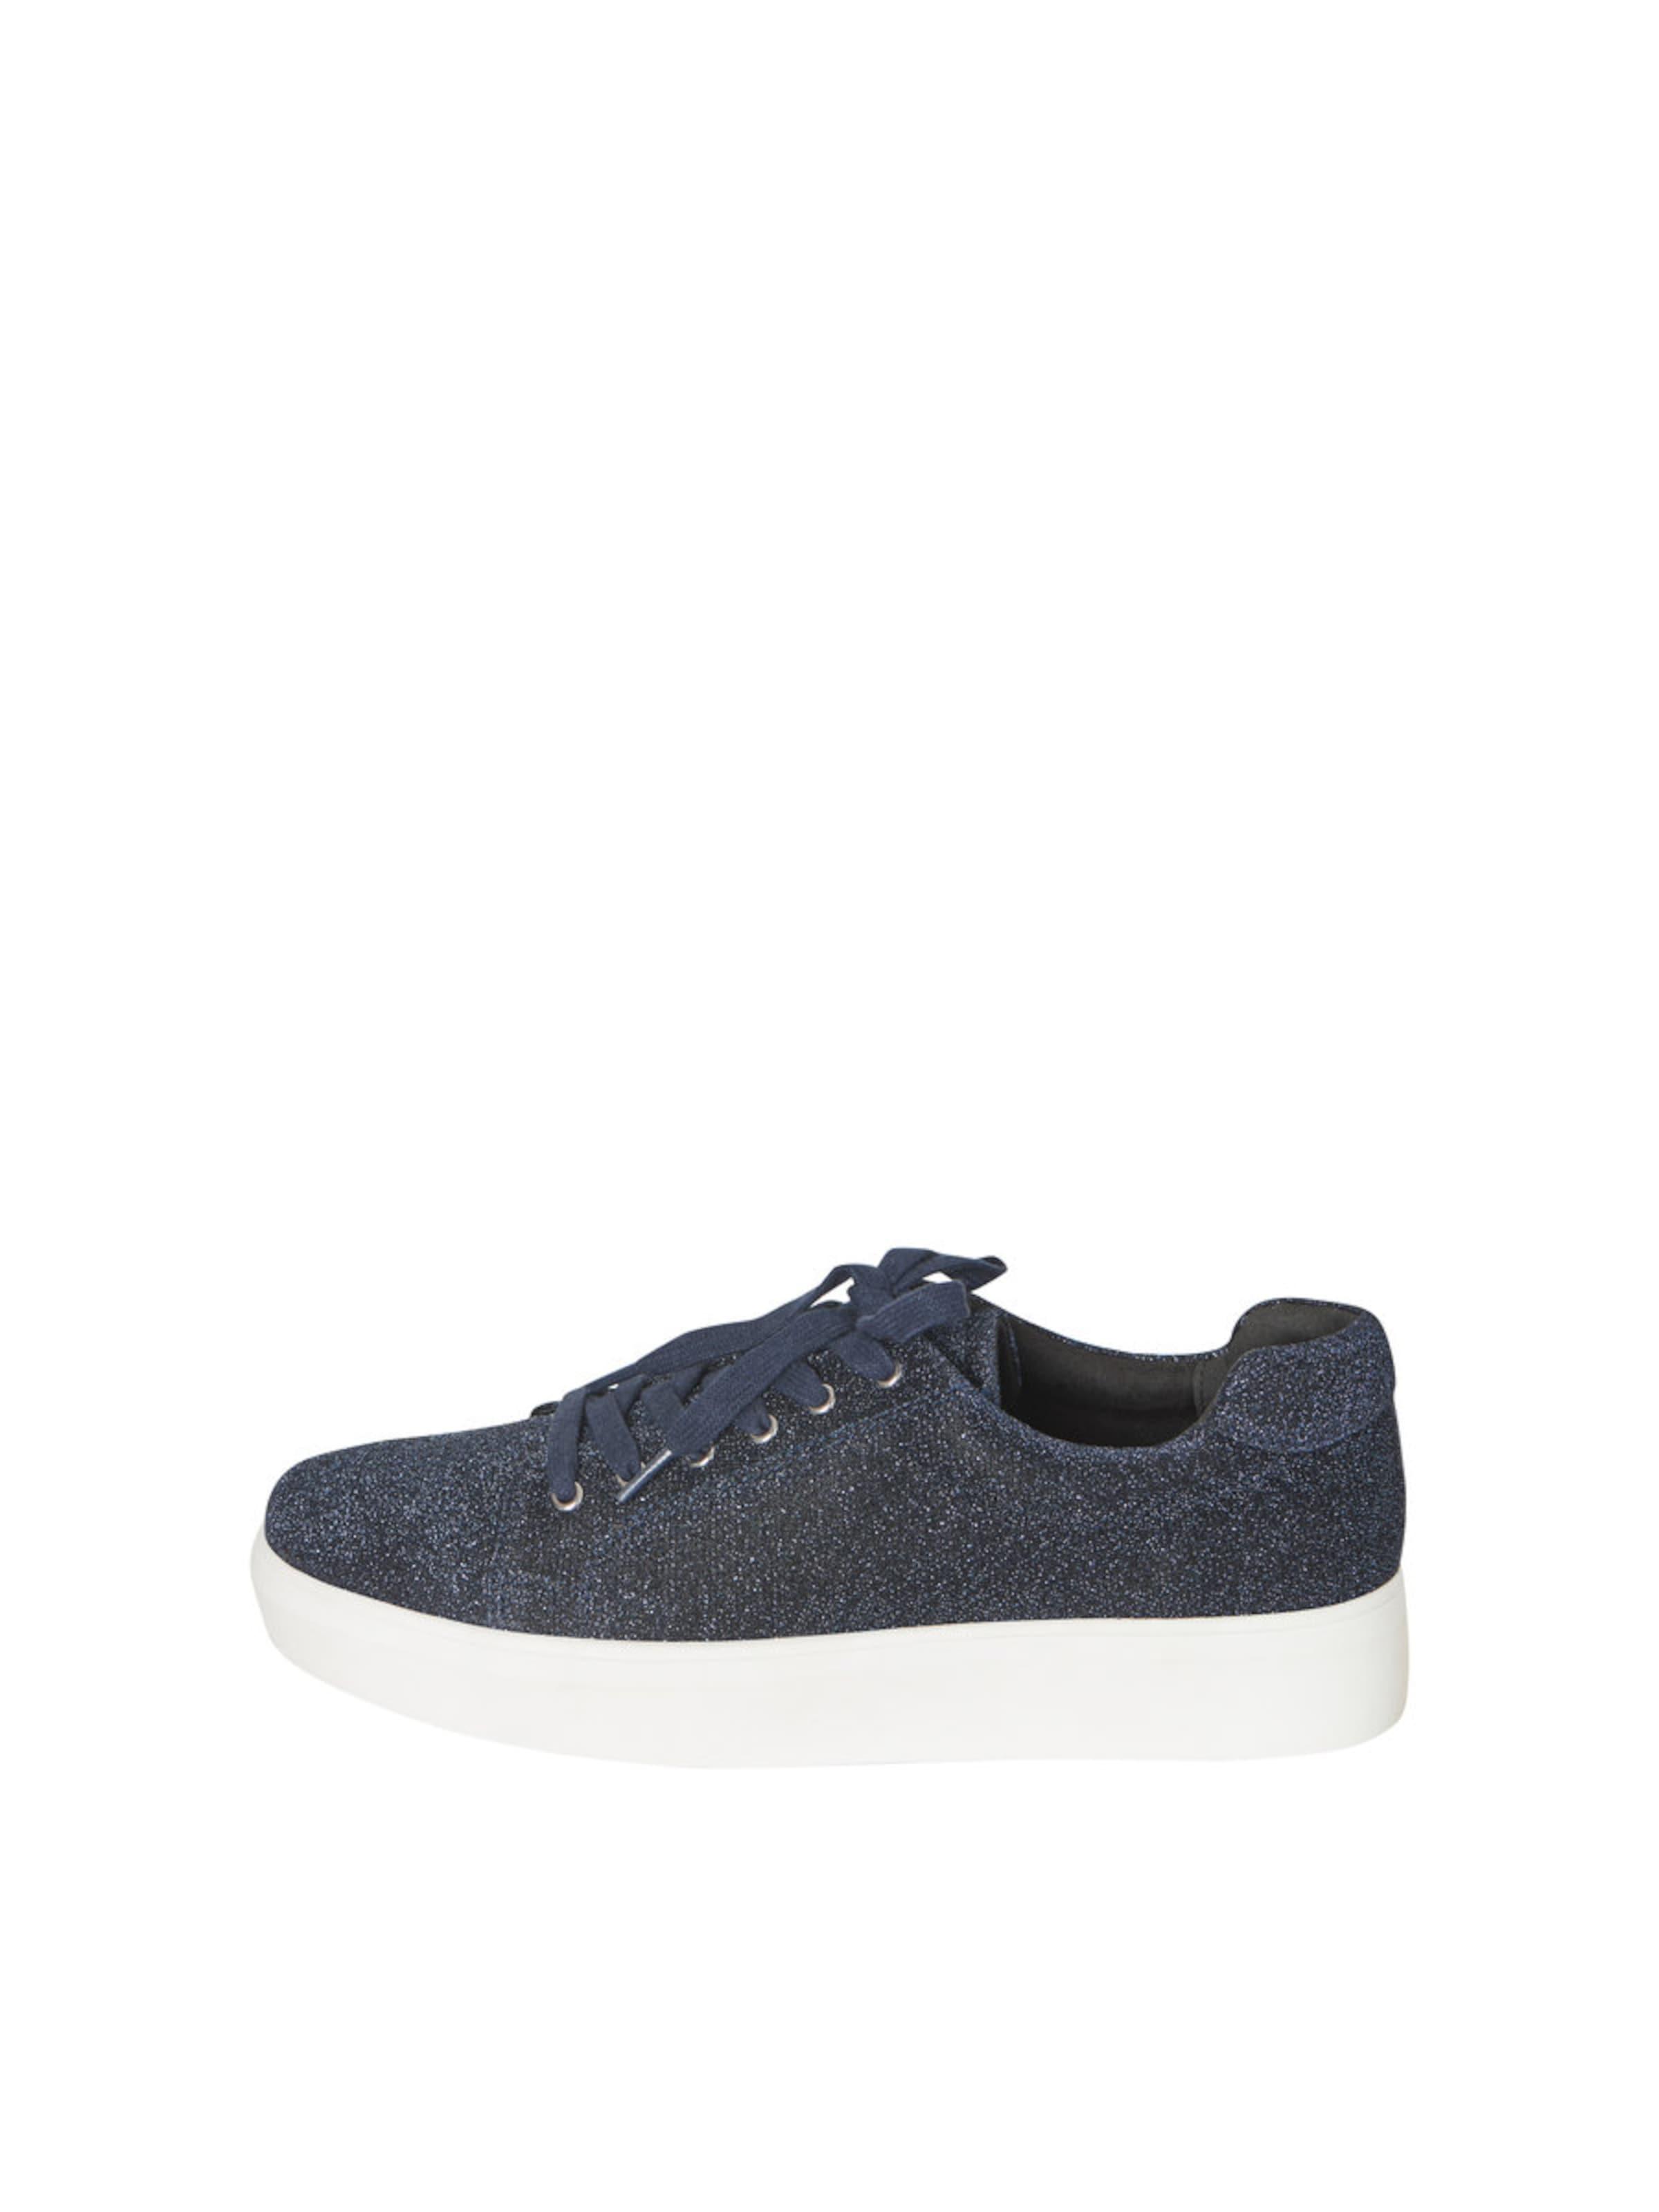 PIECES Sneaker Verschleißfeste billige Schuhe Hohe Qualität